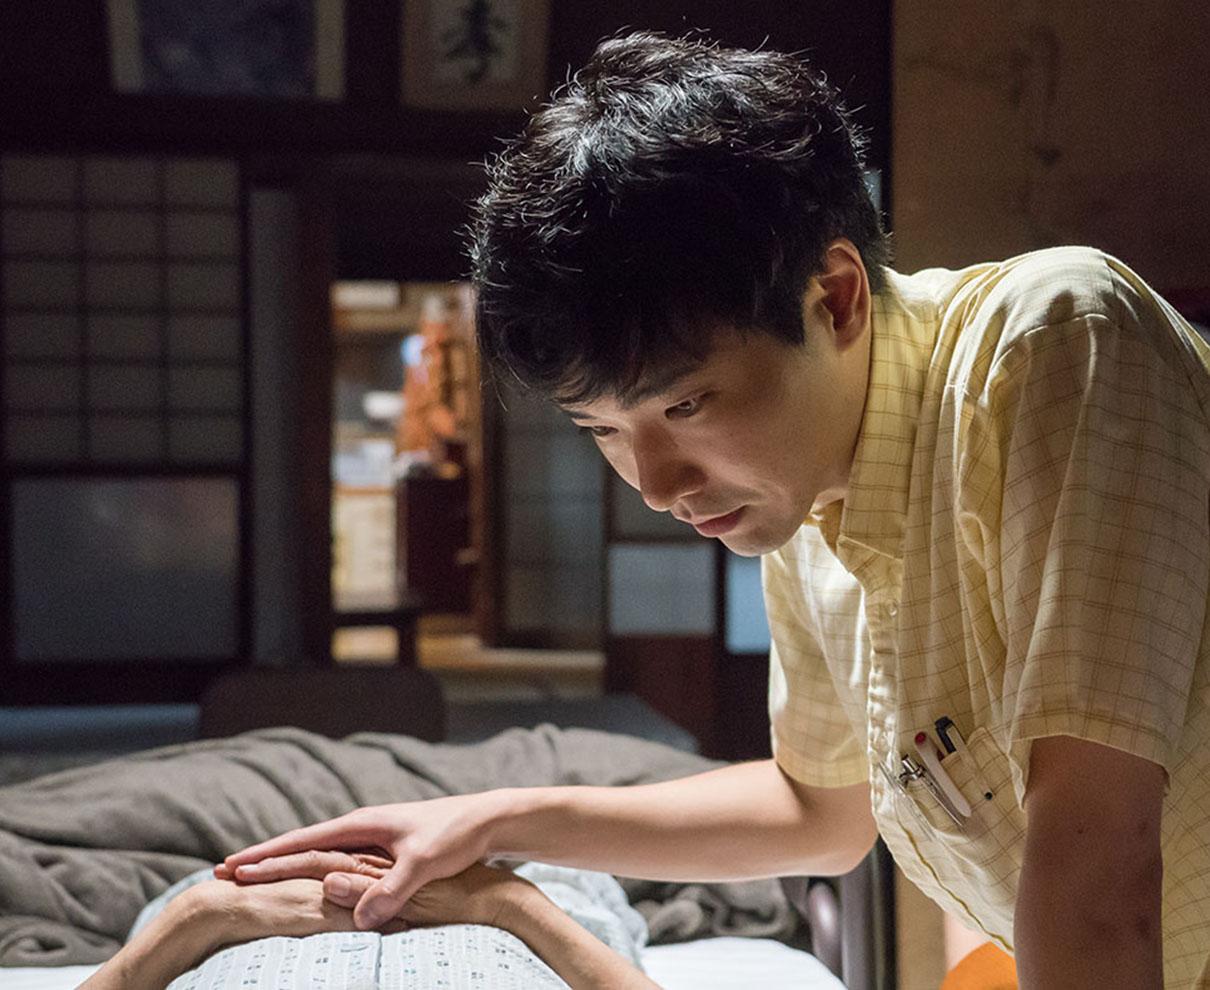 【上映中】長尾和宏医師登壇。痛くない最期の迎え方を教えてくれる / 『痛くない死に方』